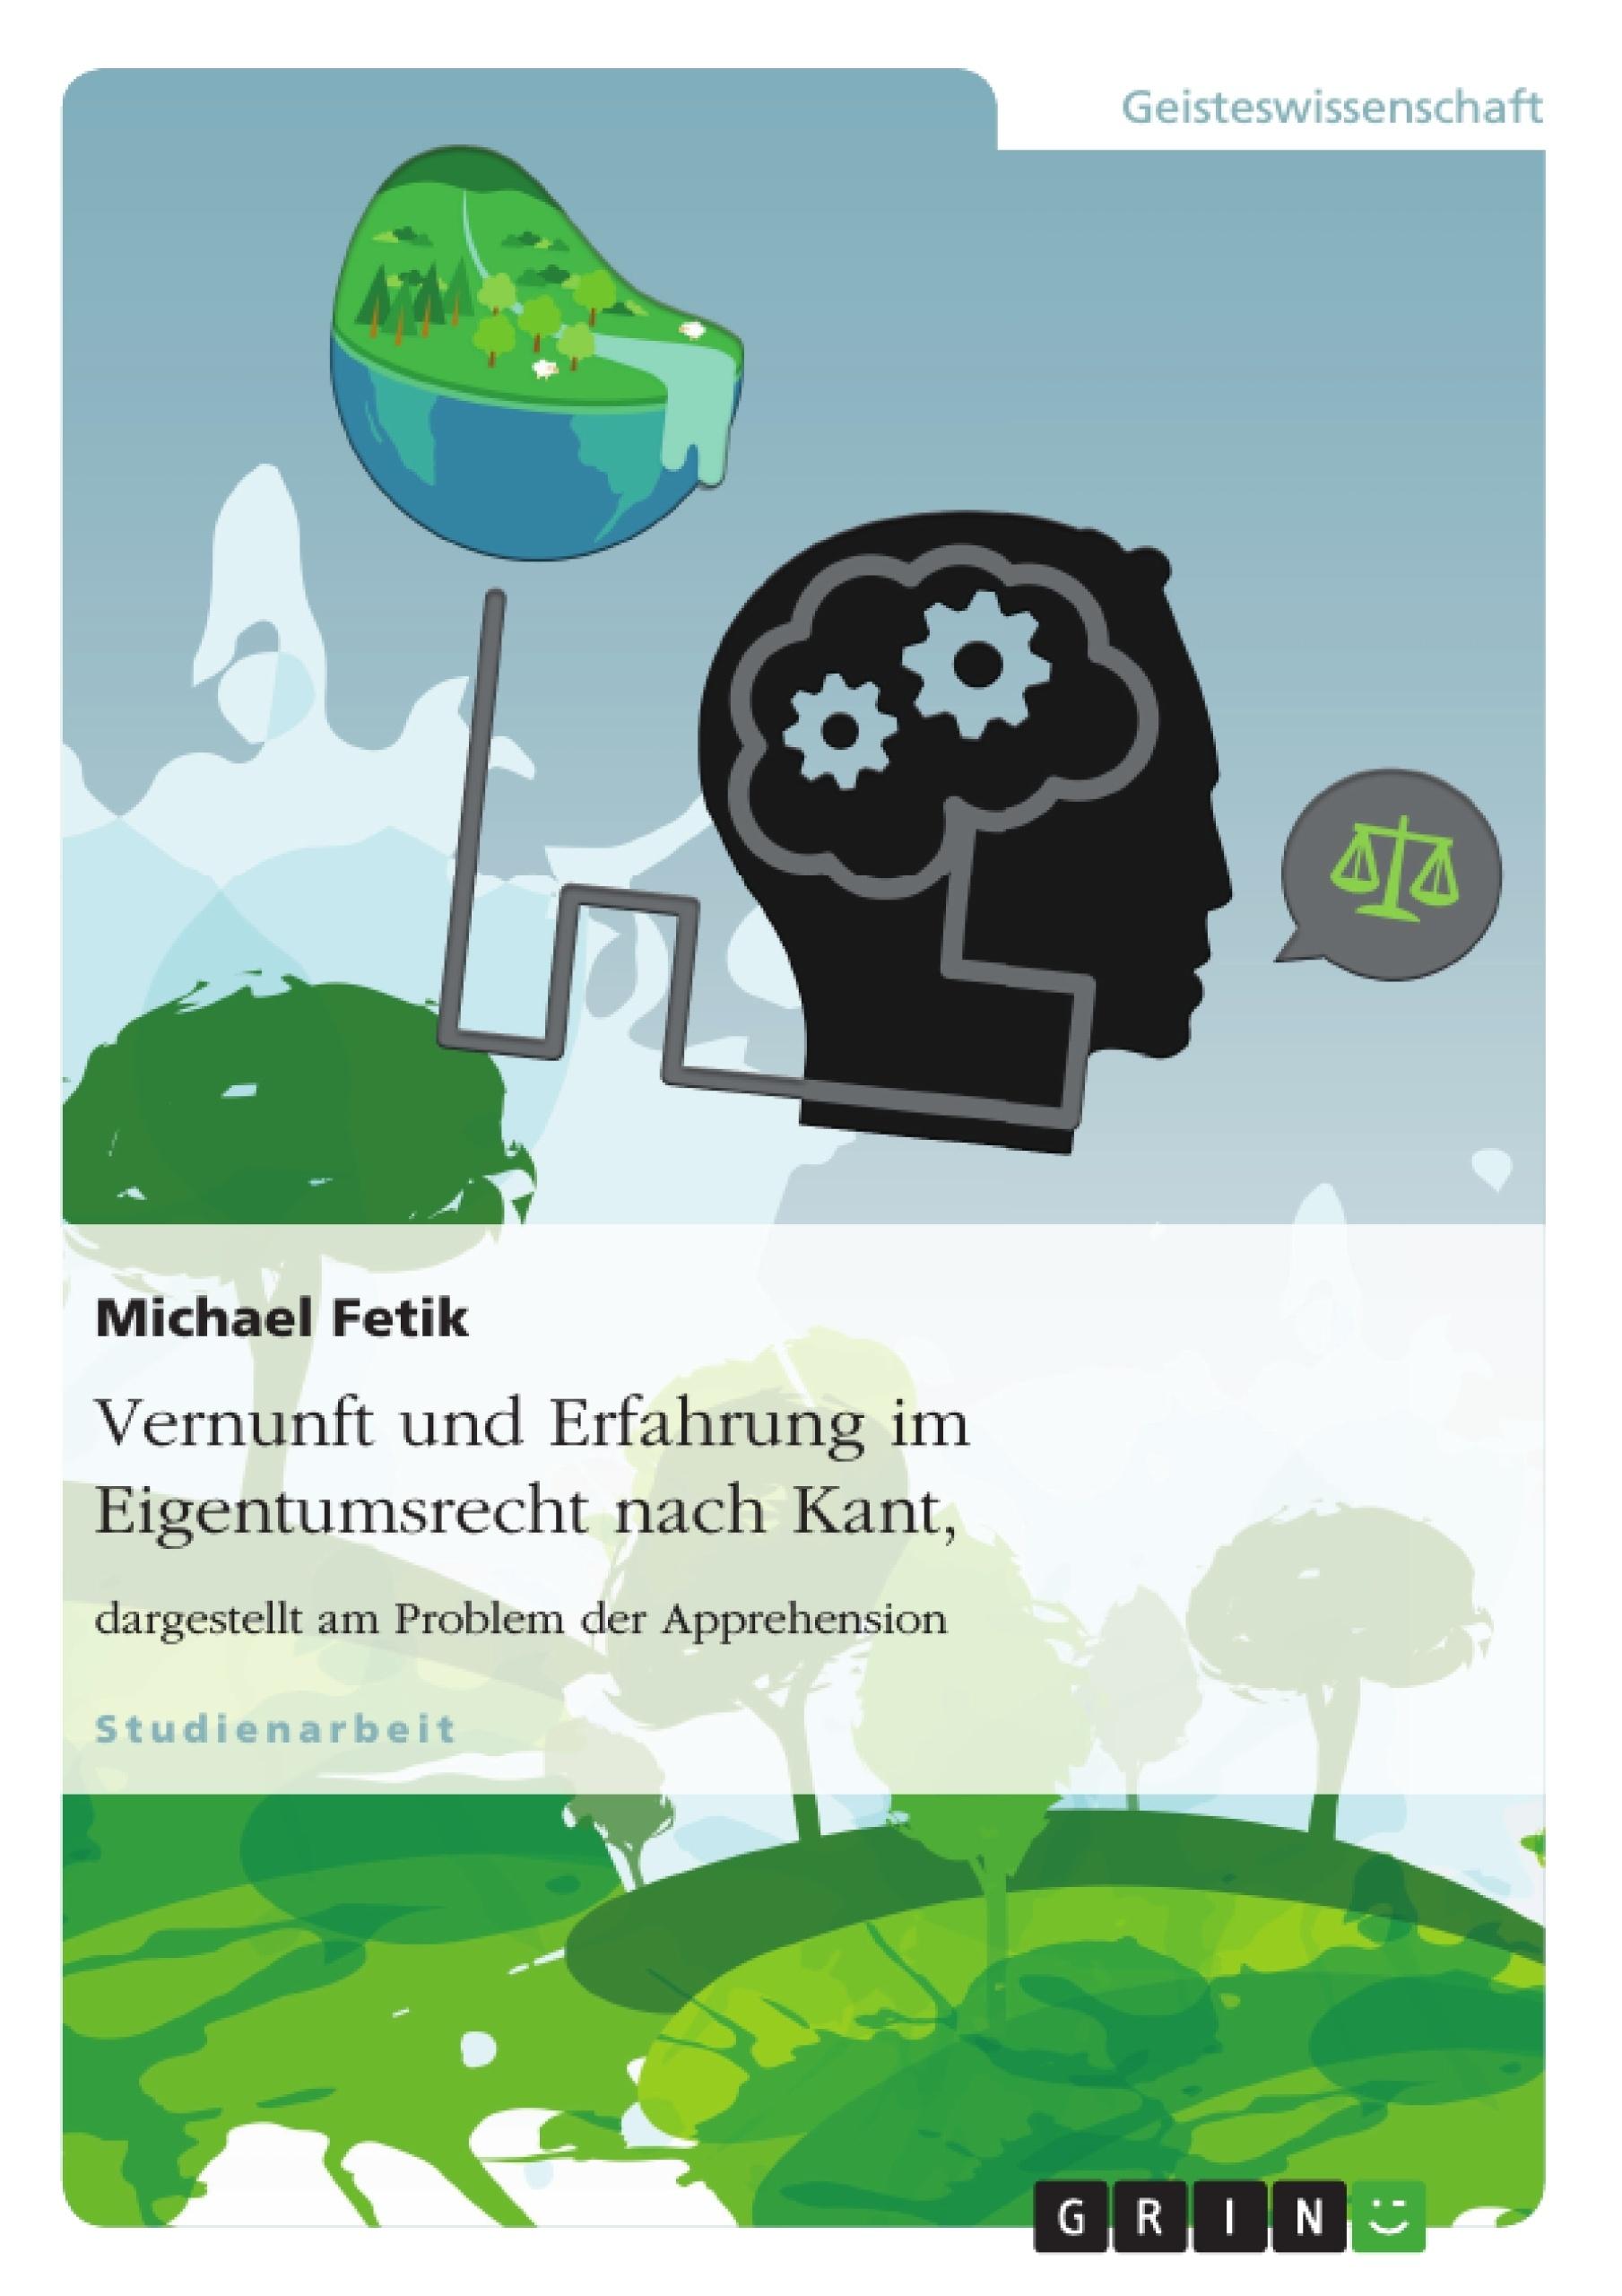 Titel: Vernunft und Erfahrung im Eigentumsrecht nach Kant, dargestellt am Problem der Apprehension